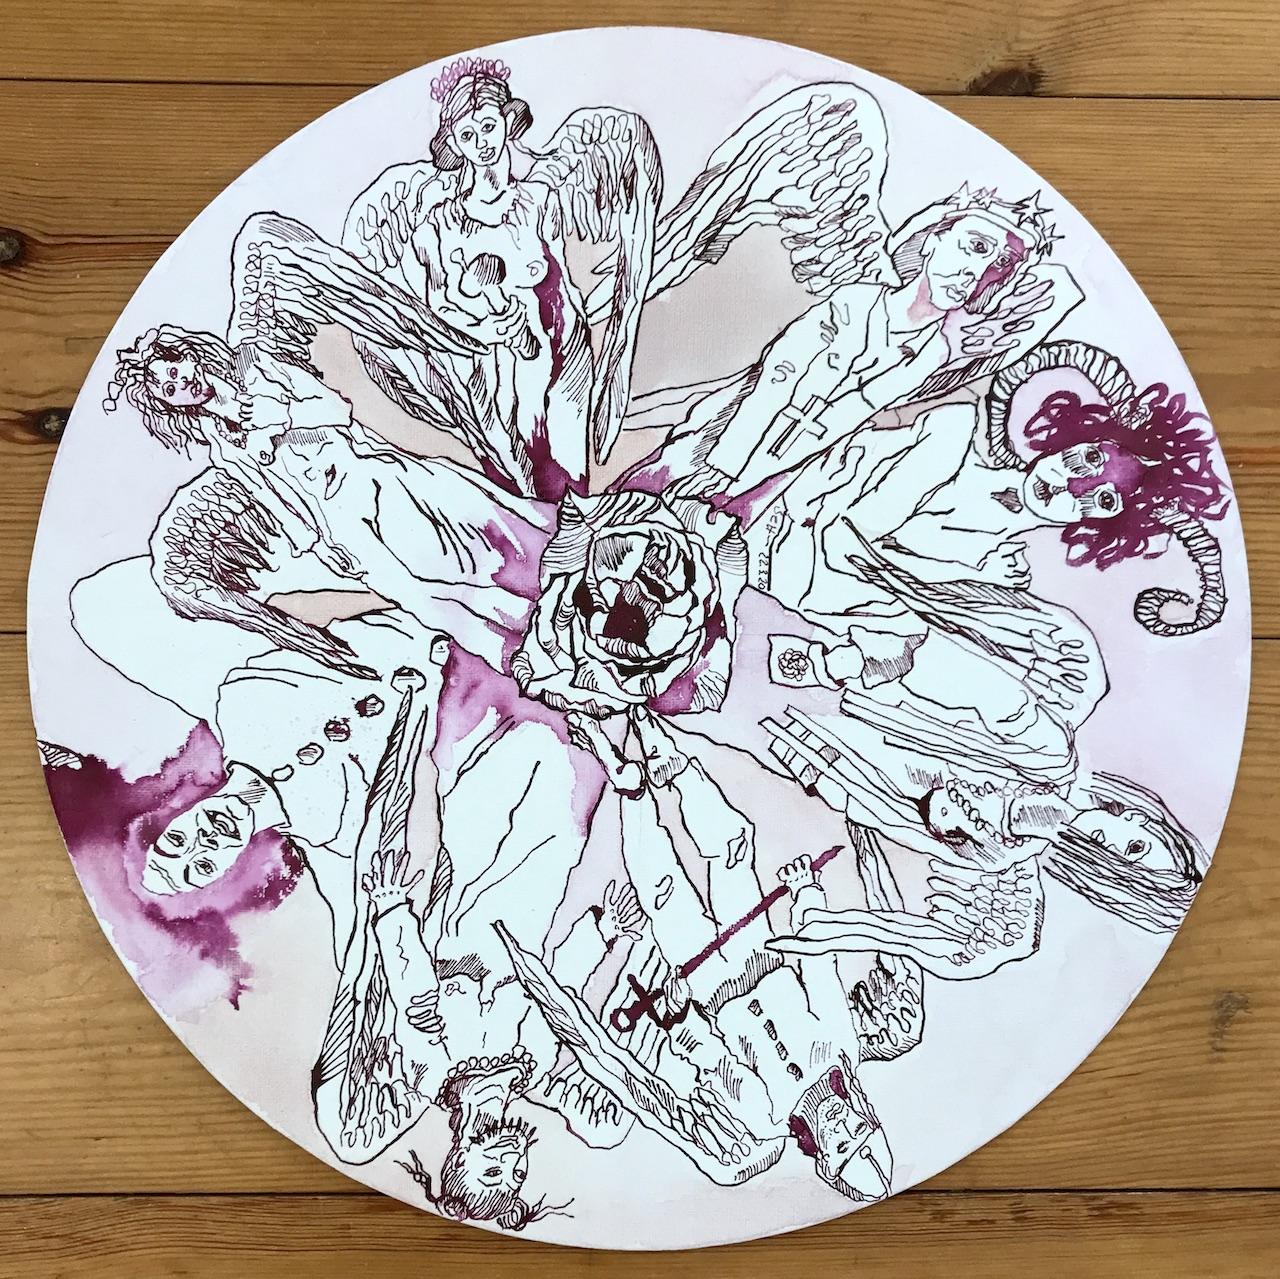 Wieviele Engel passen auf die Nadelspitze, Durchmesser 40 cm, Tusche auf Leinwandkarton, Zeichnung von Susanne Haun (c) VG Bild-Kunst, Bonn 2020